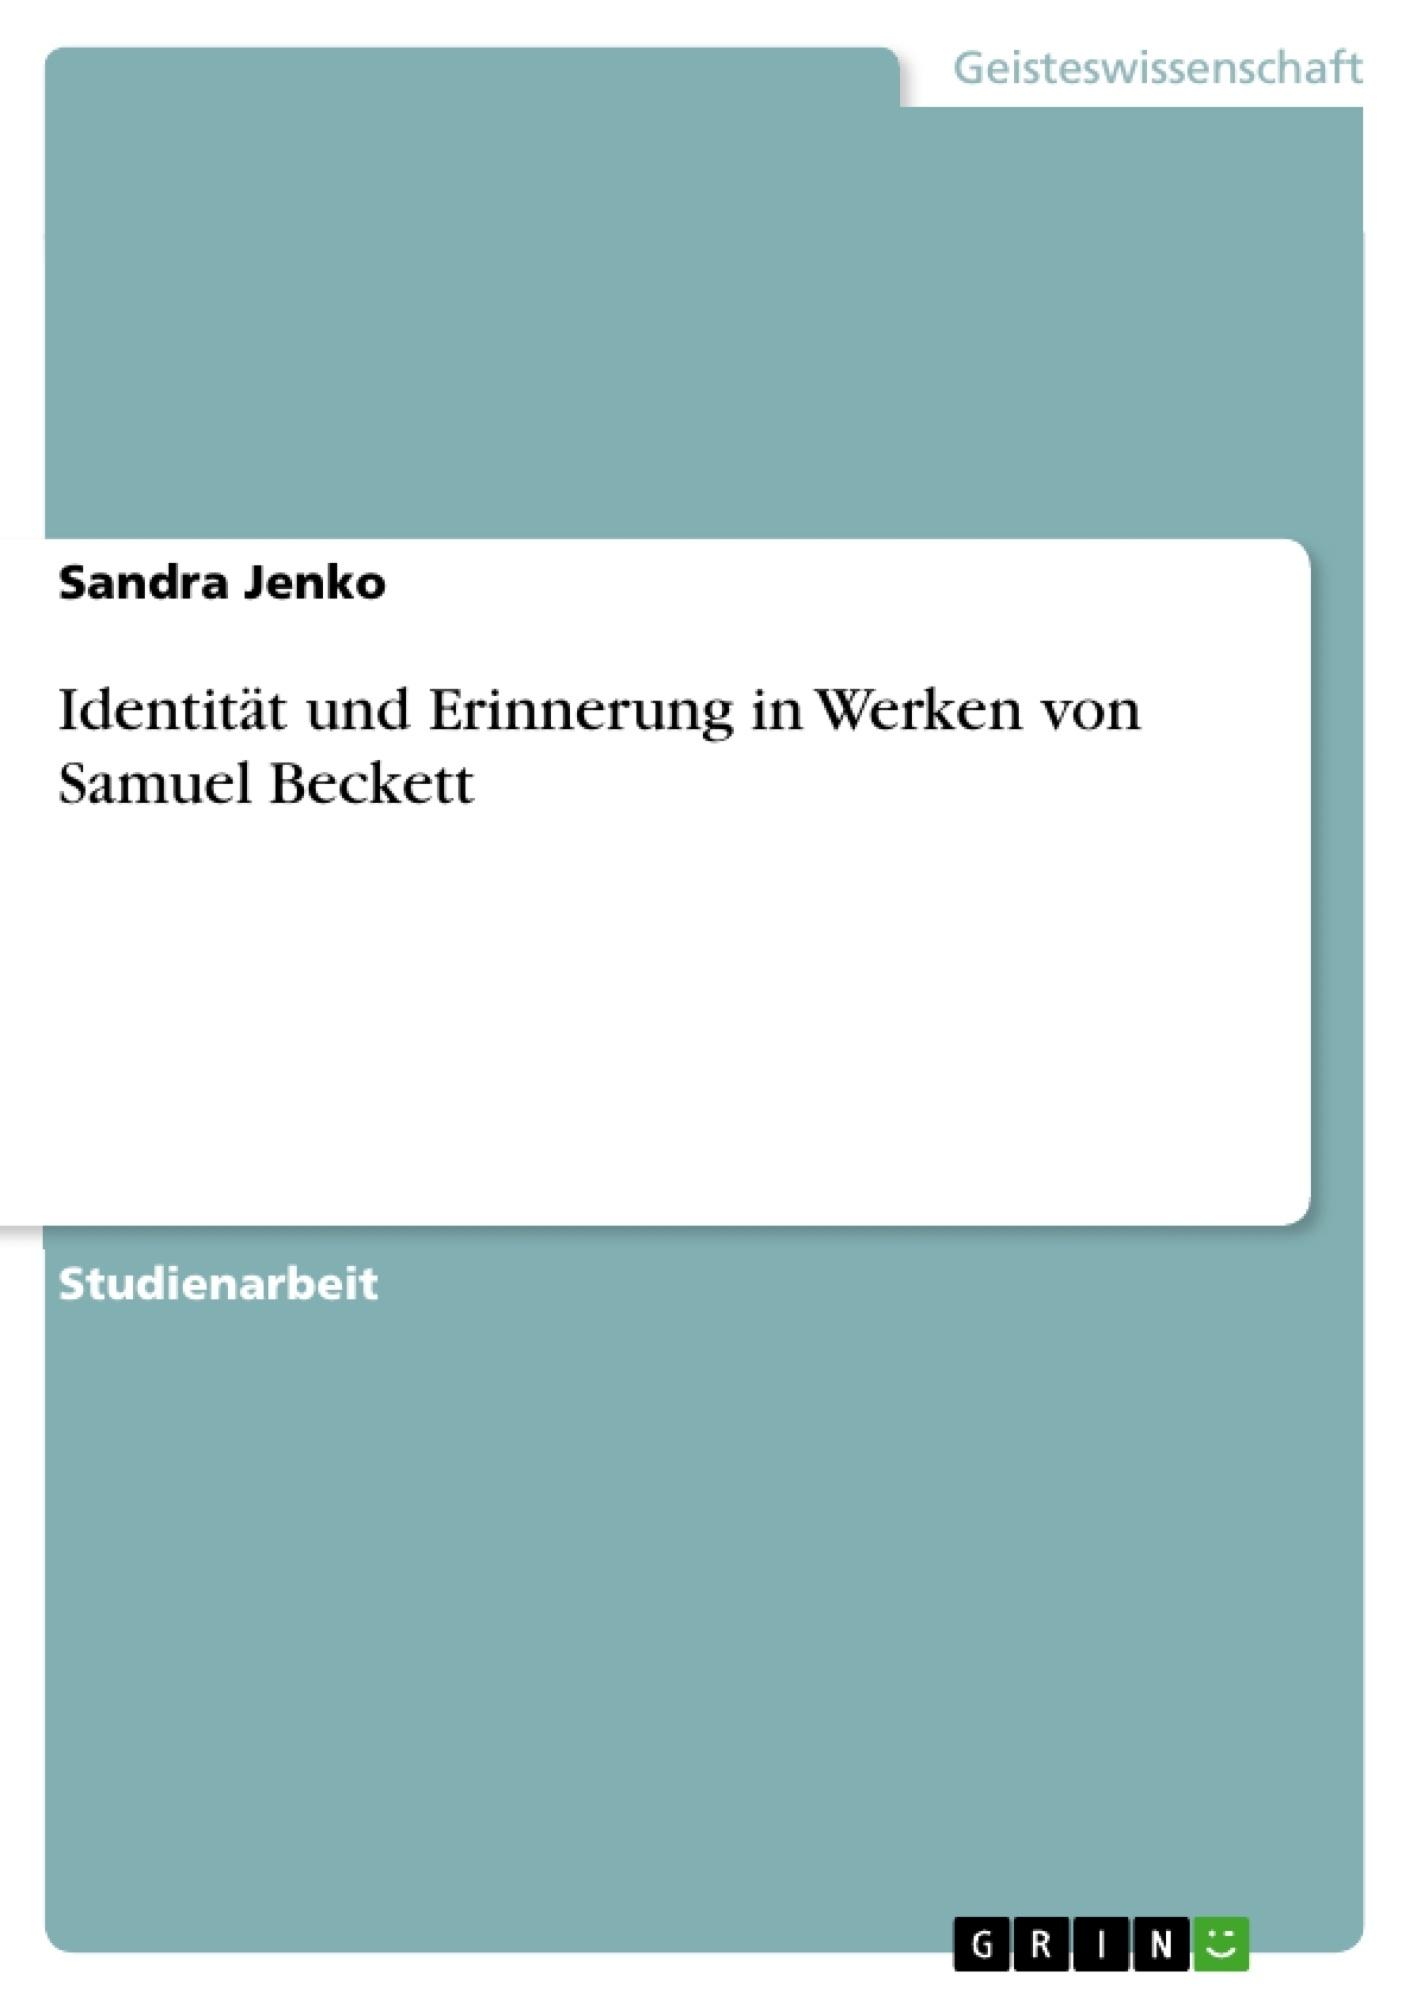 Titel: Identität und Erinnerung in Werken von Samuel Beckett